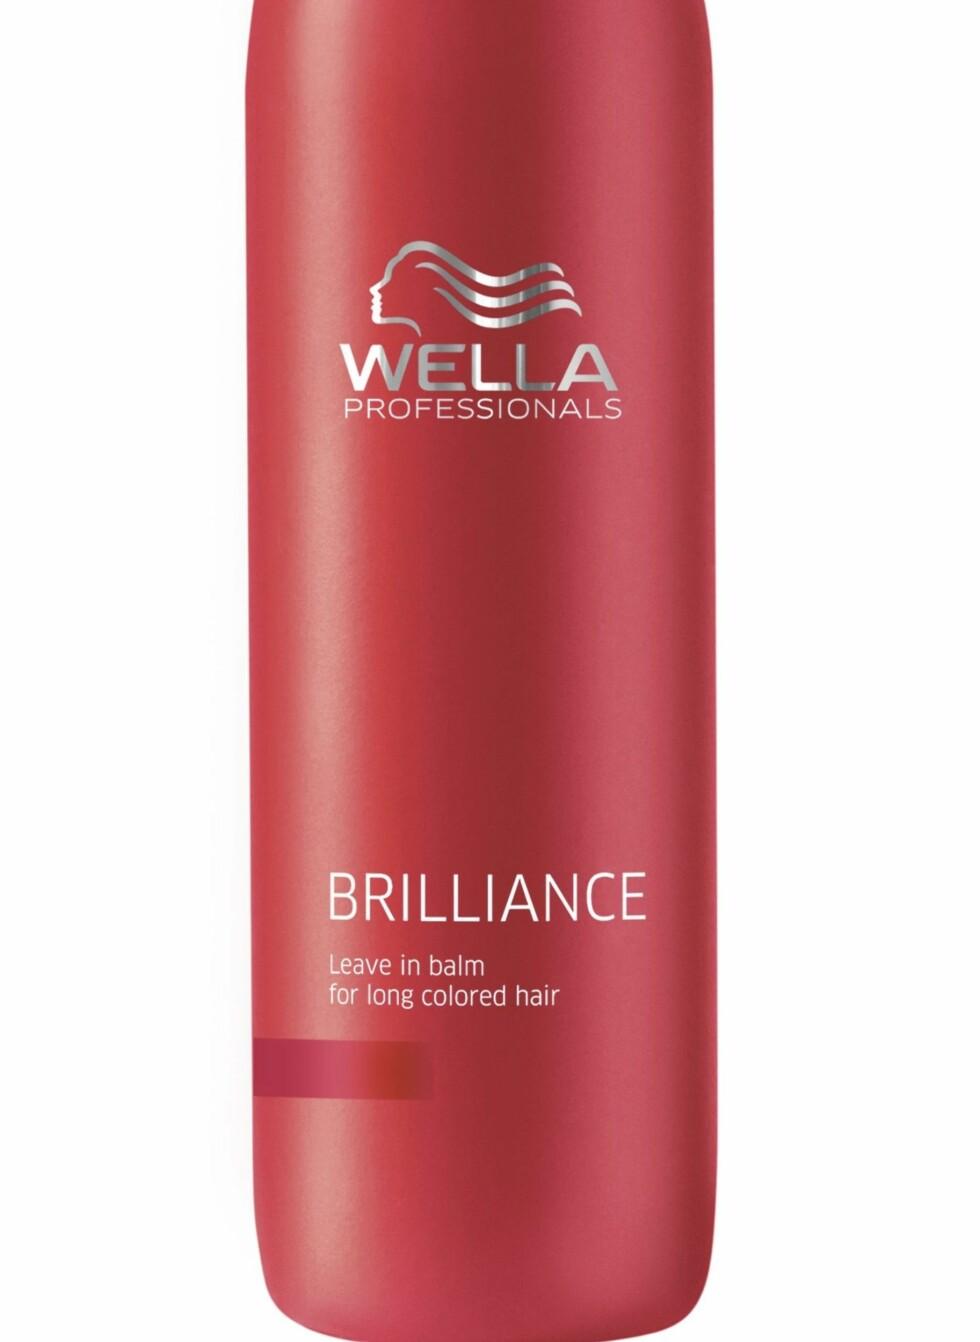 Brilliance leave-in balm gjør langt, farget hår mykt og lett å gre, fra Wella Professionals Care, veil. kr 225. Foto: Produsenten